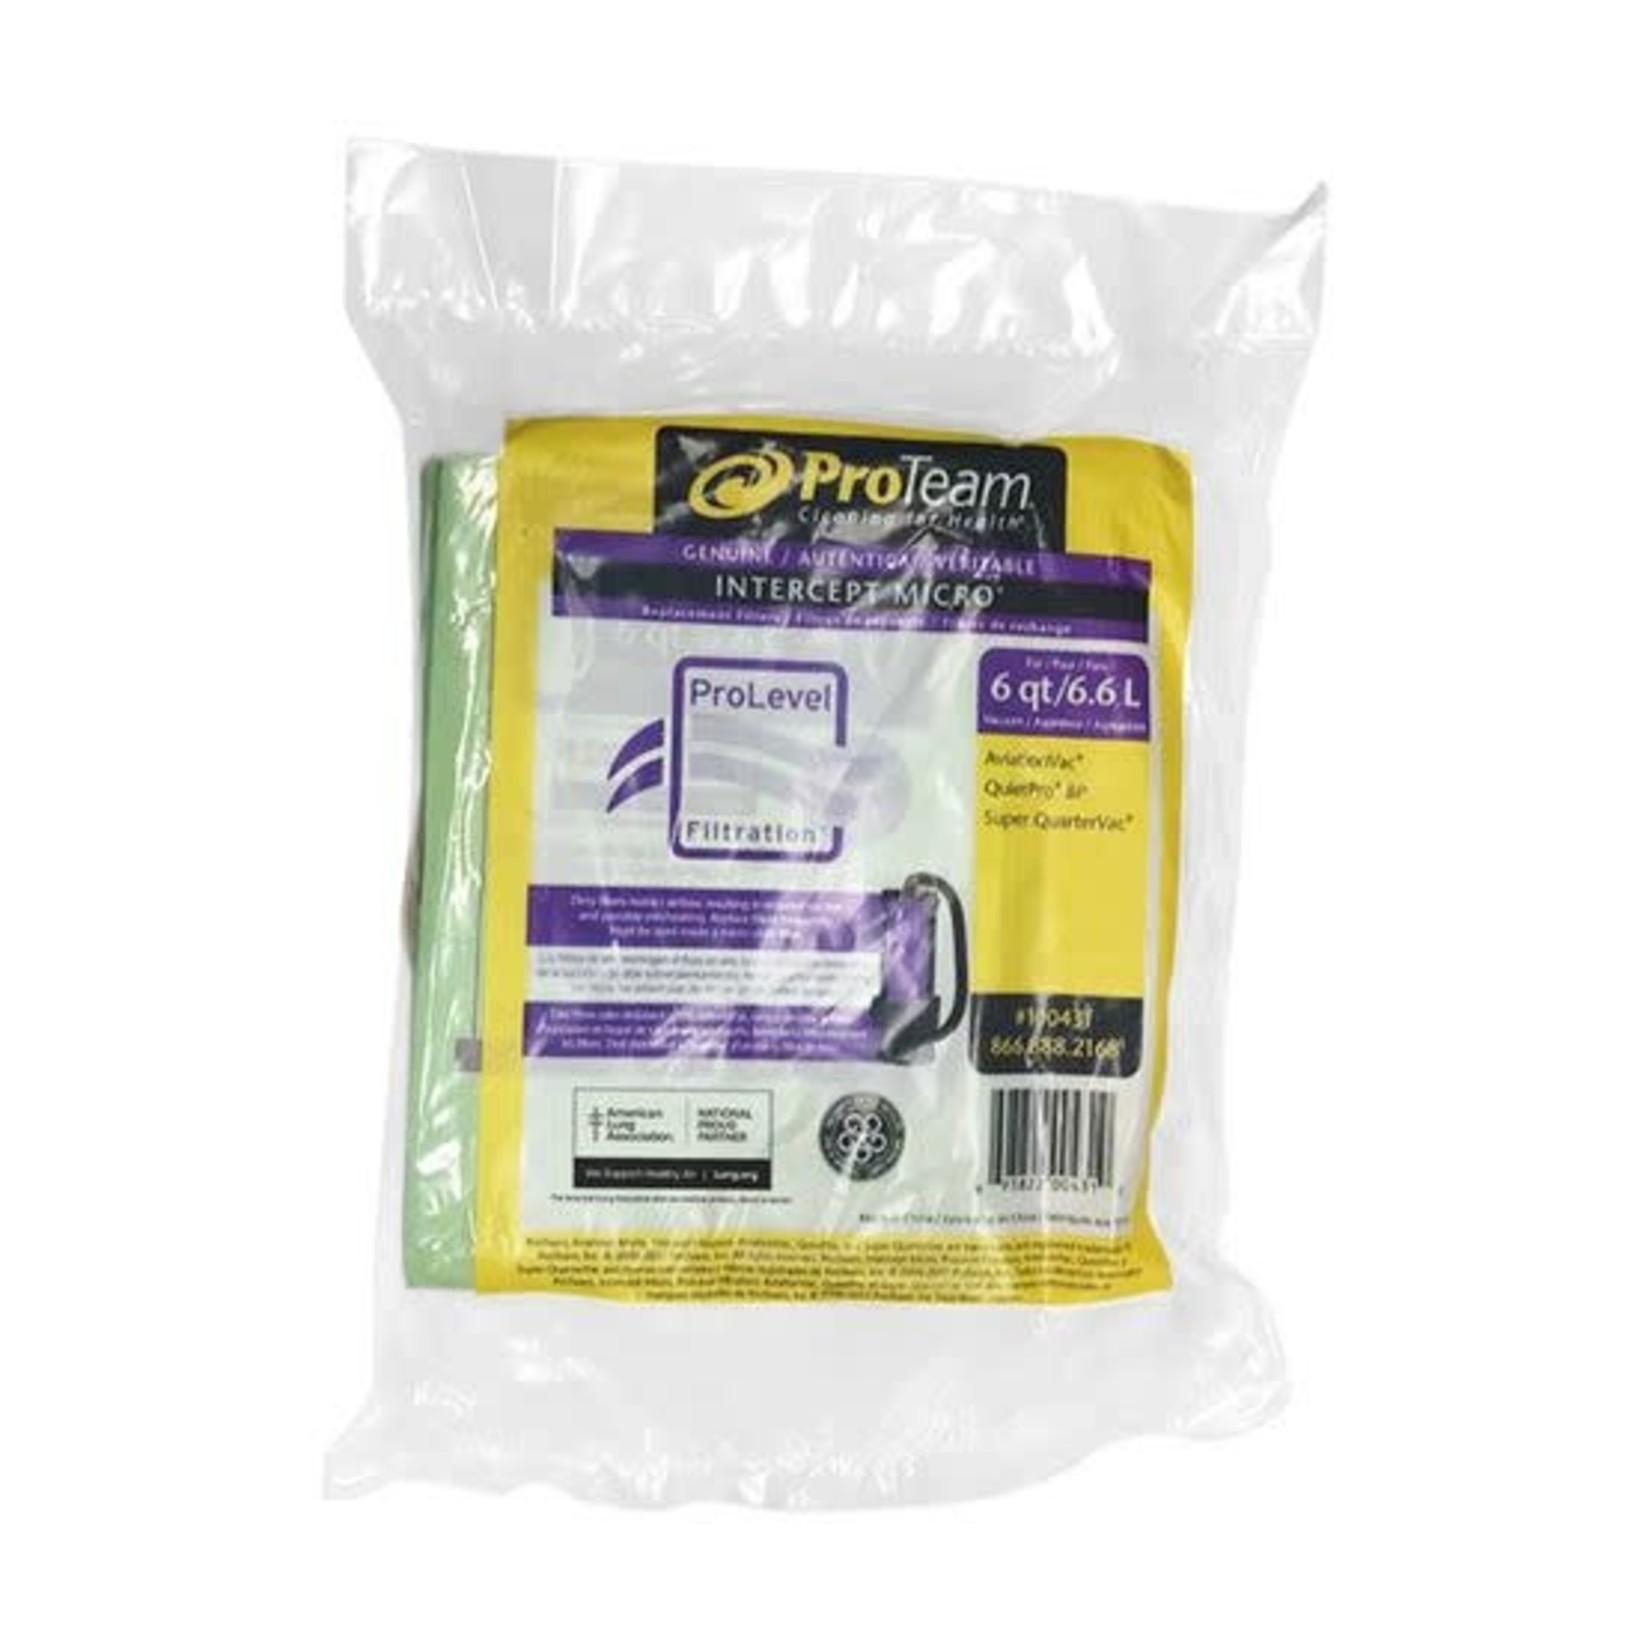 ProTeam Commercial Vacuums PAPER BAGS - QUARTERVAC QUIETPRO